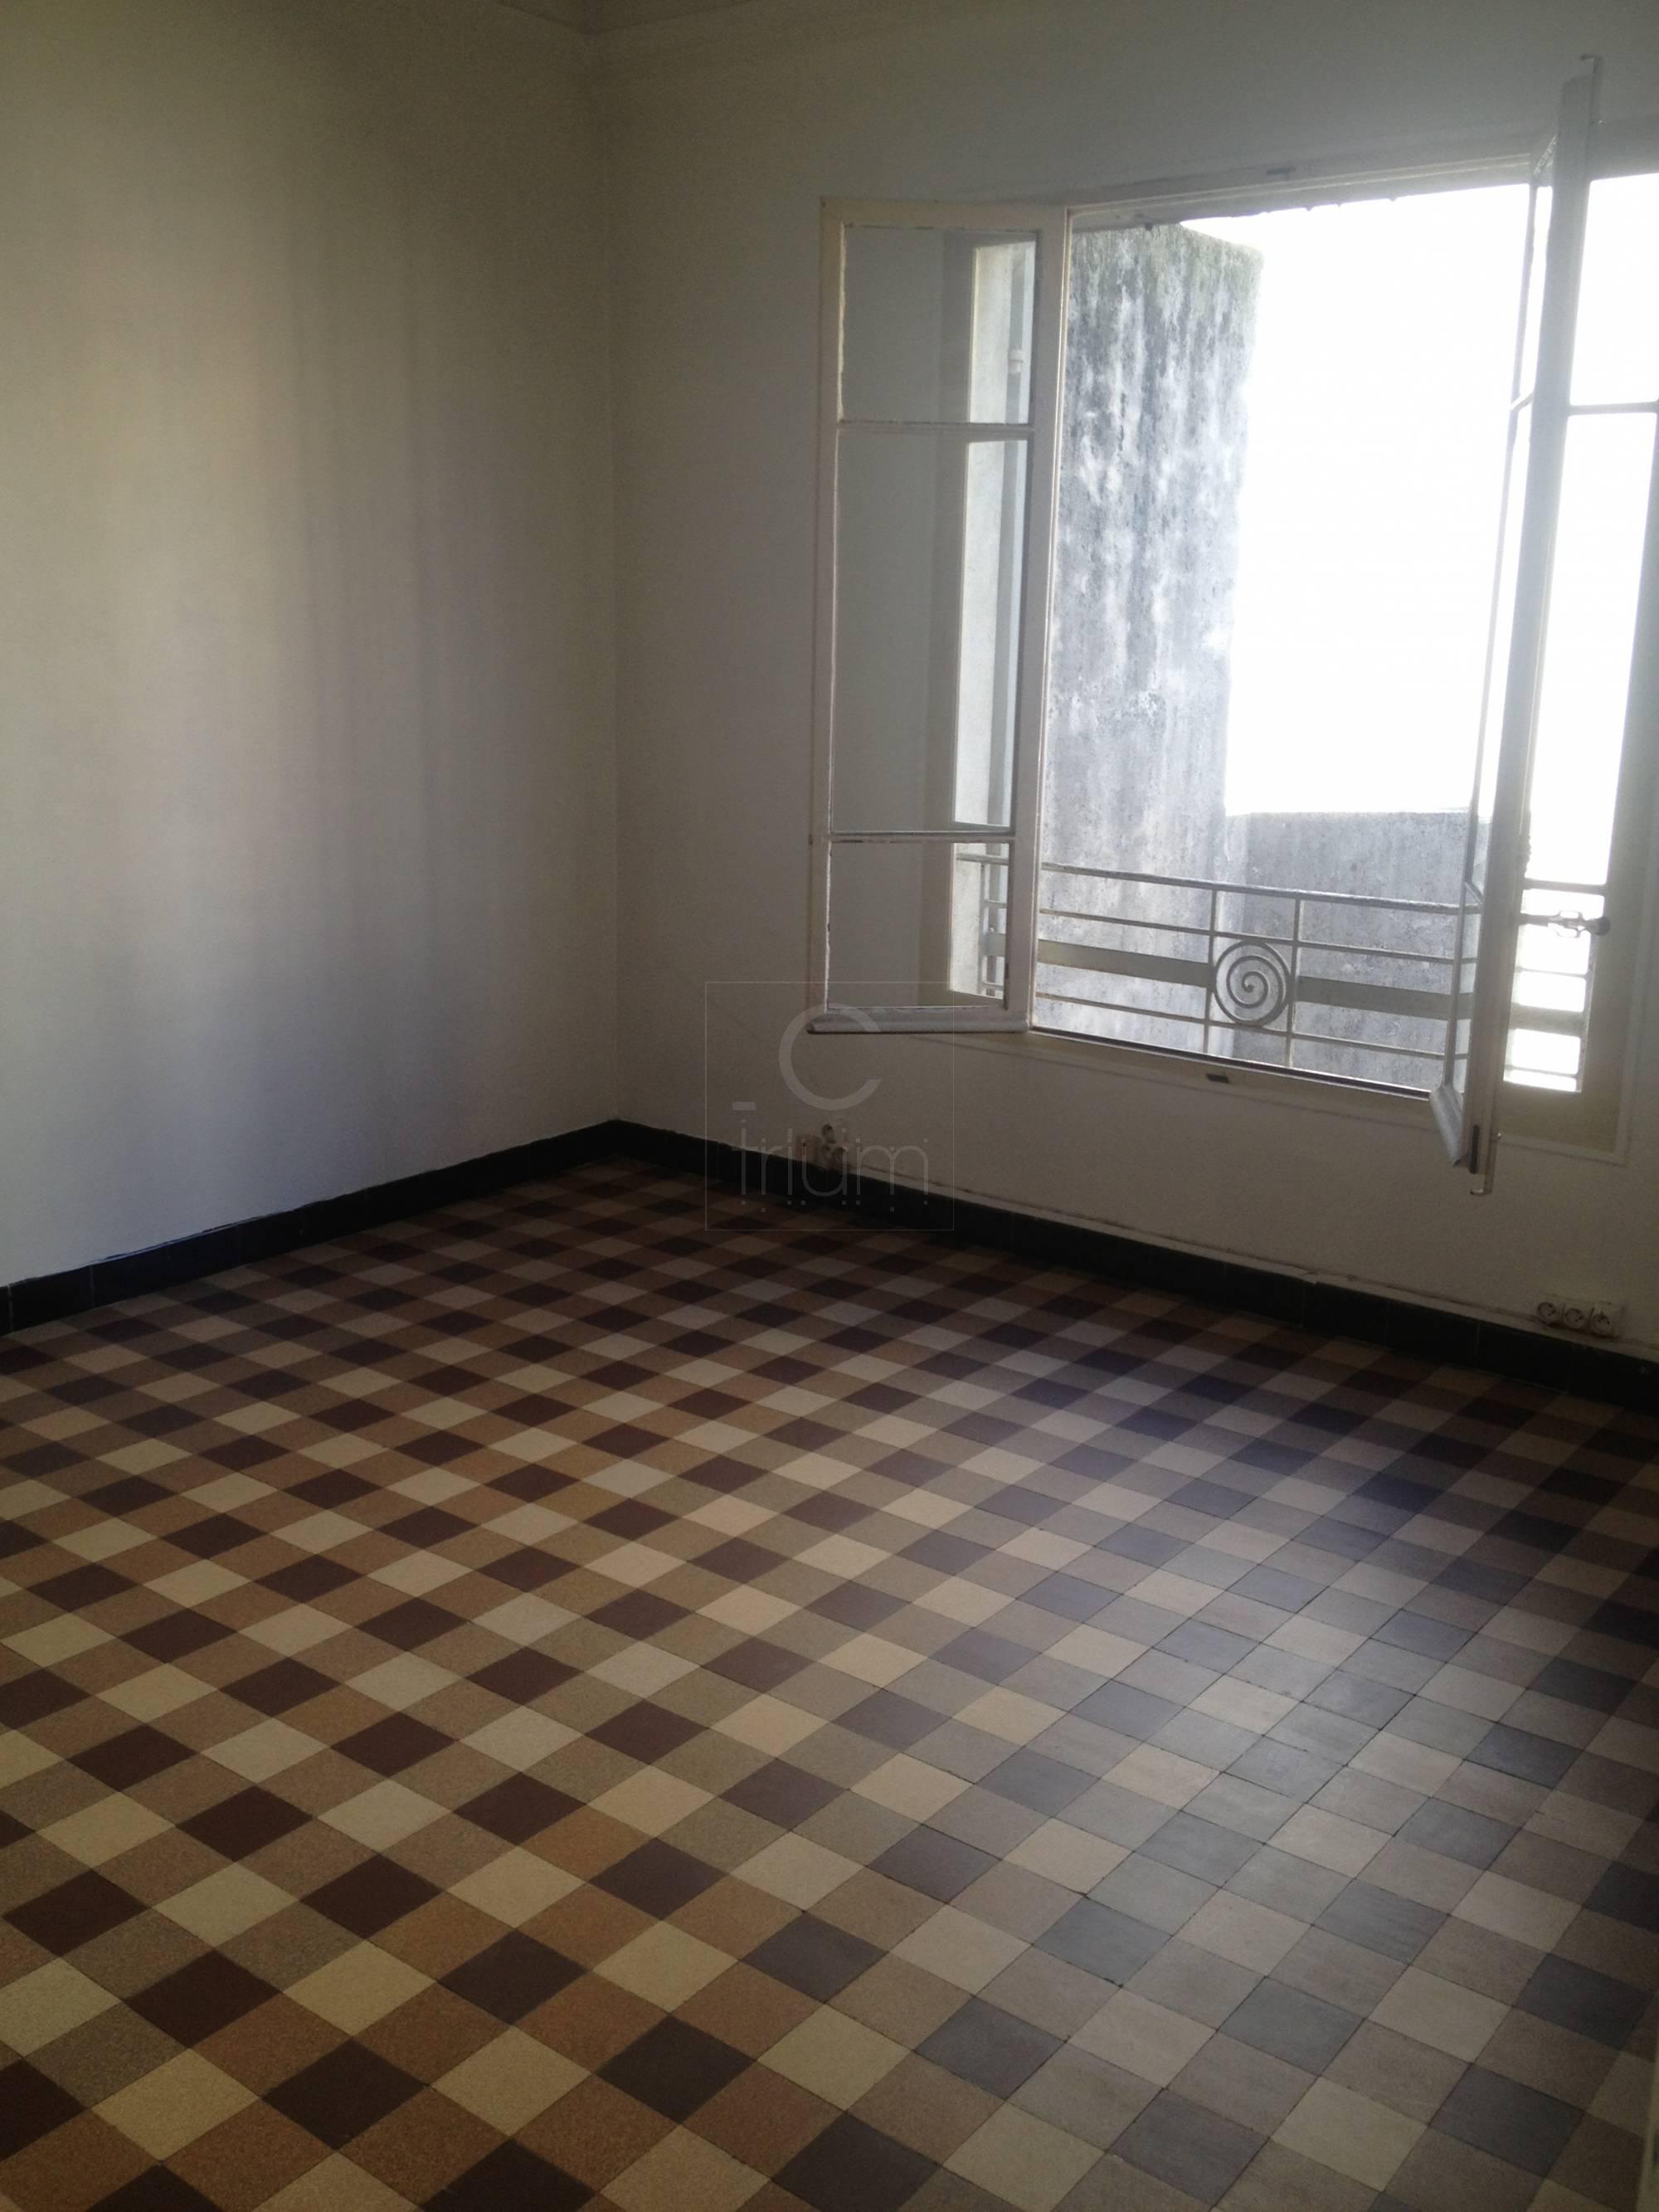 Vente appartement t1 f1 marseille 7eme endoume agence for Deco appartement t1